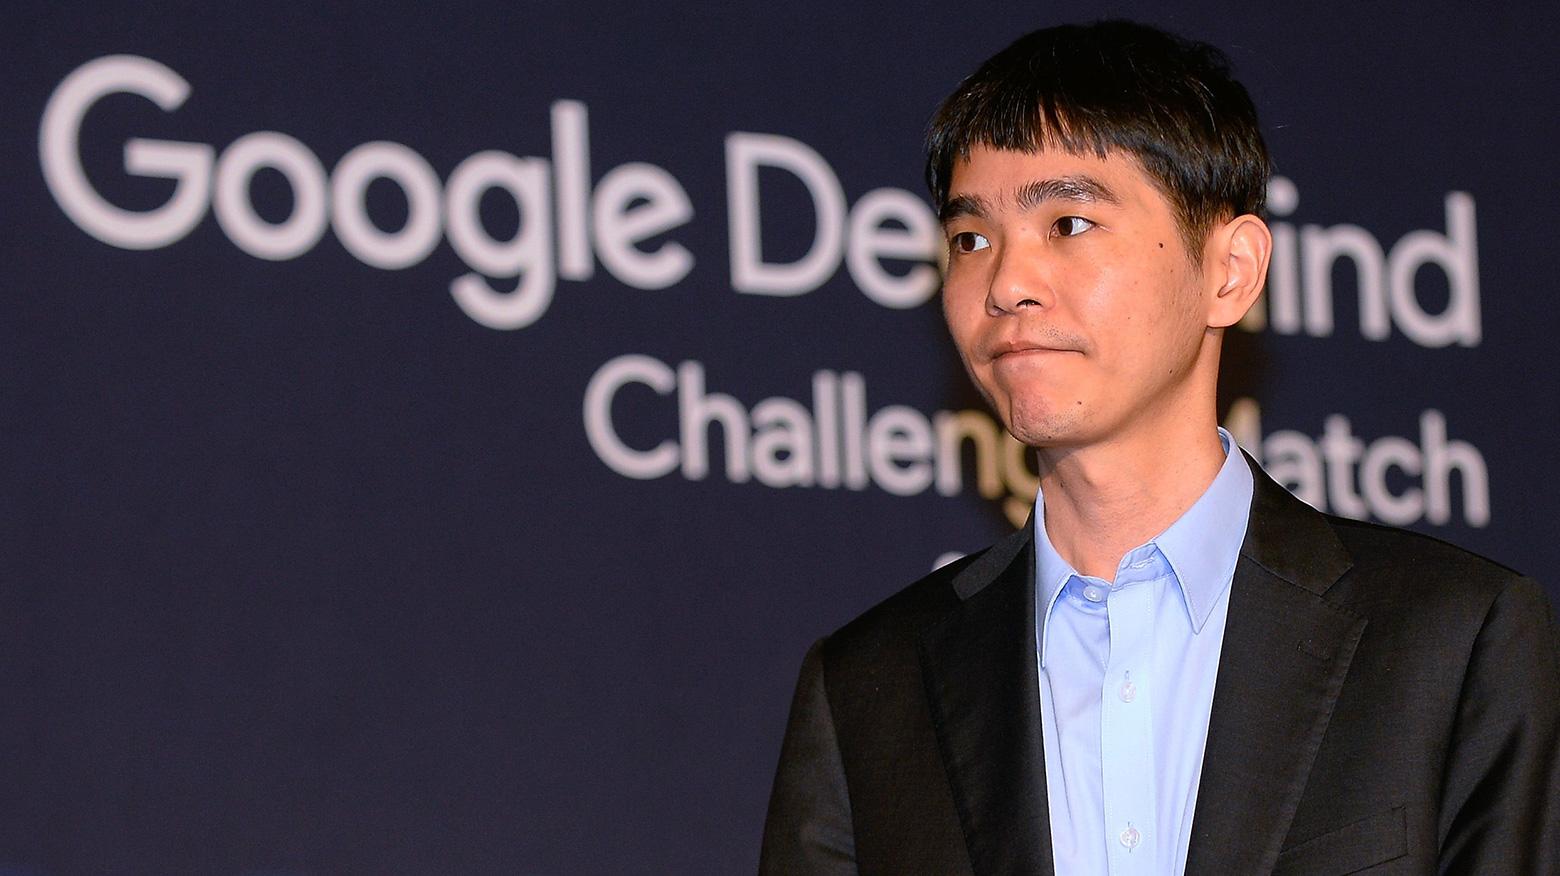 Ли Седоль уходит из большого го из-за AlphaGo. Как это понимать? - 1